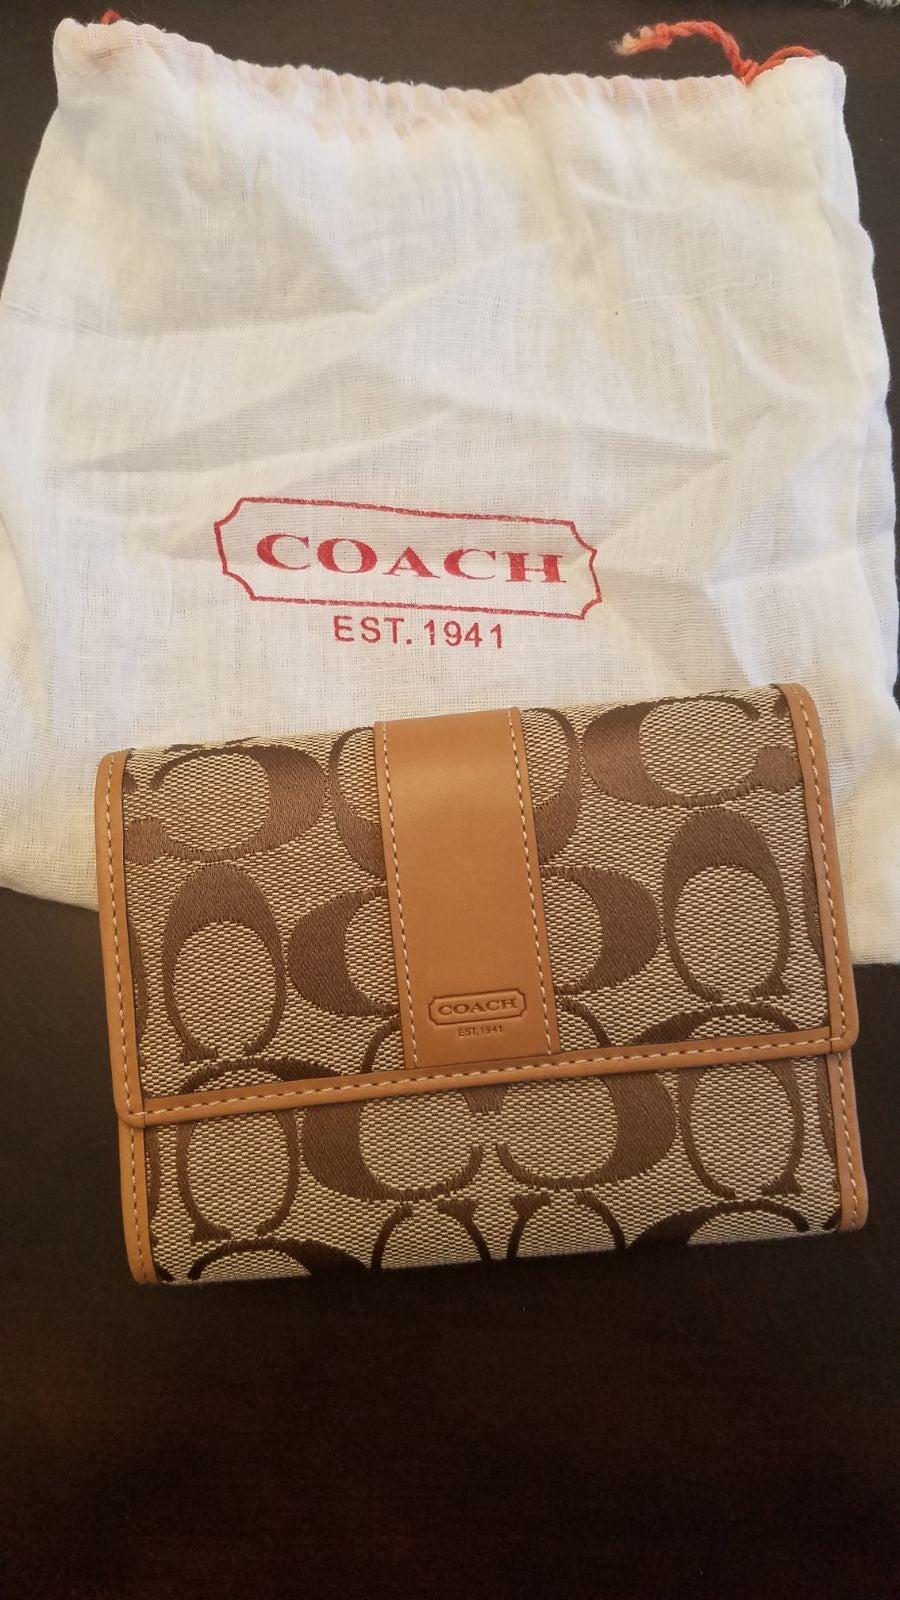 Coach Signature compact clutch 41889